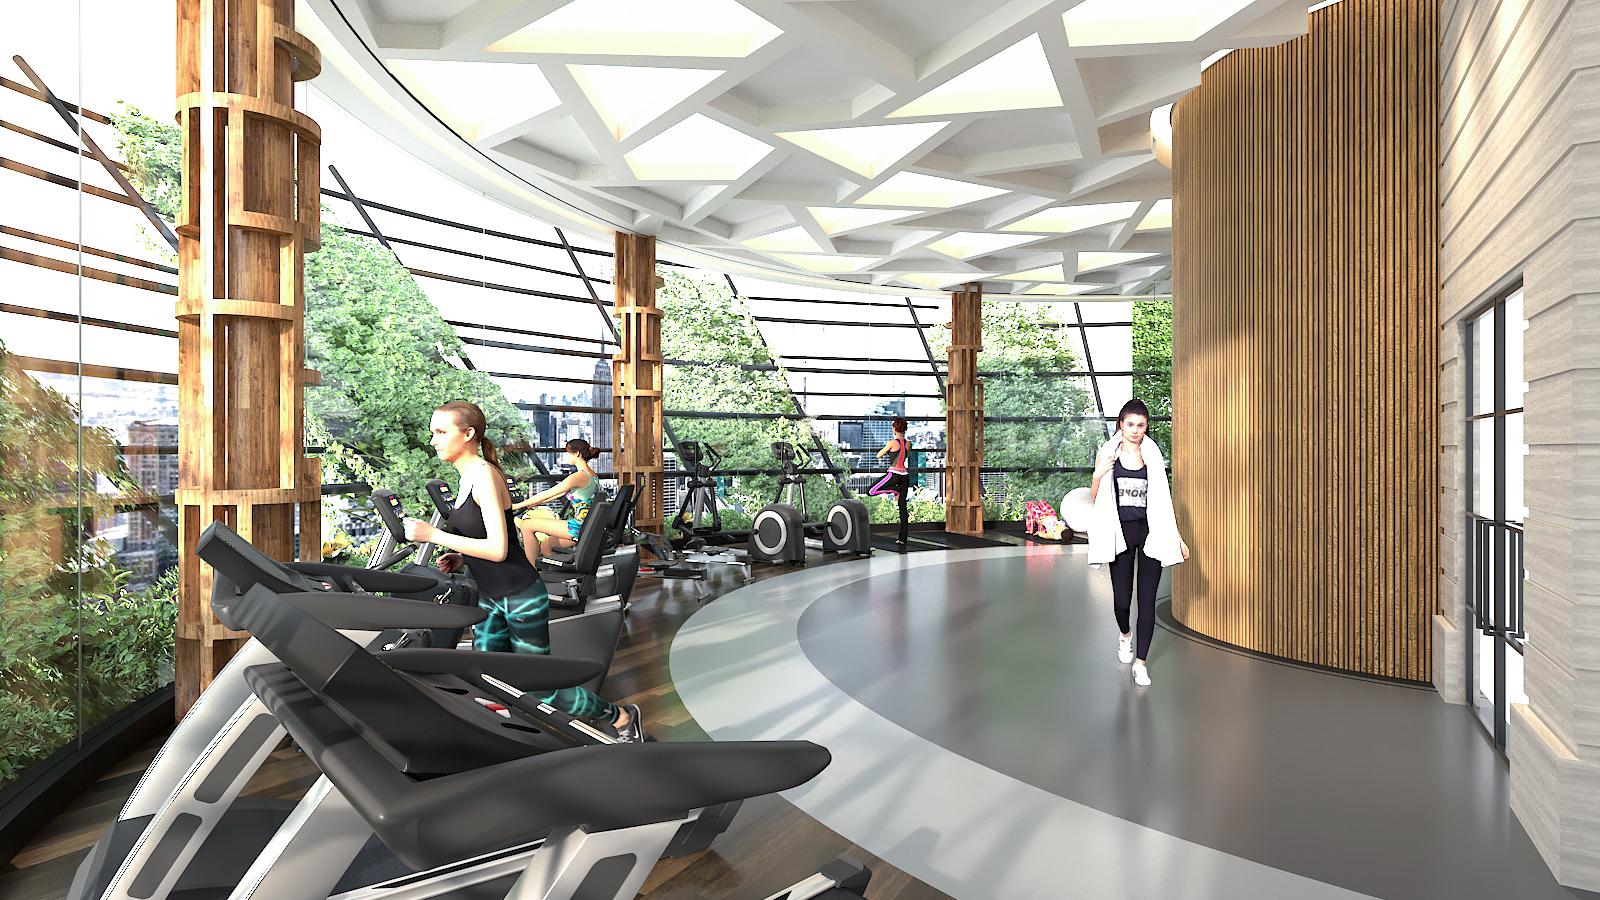 gym amend 1